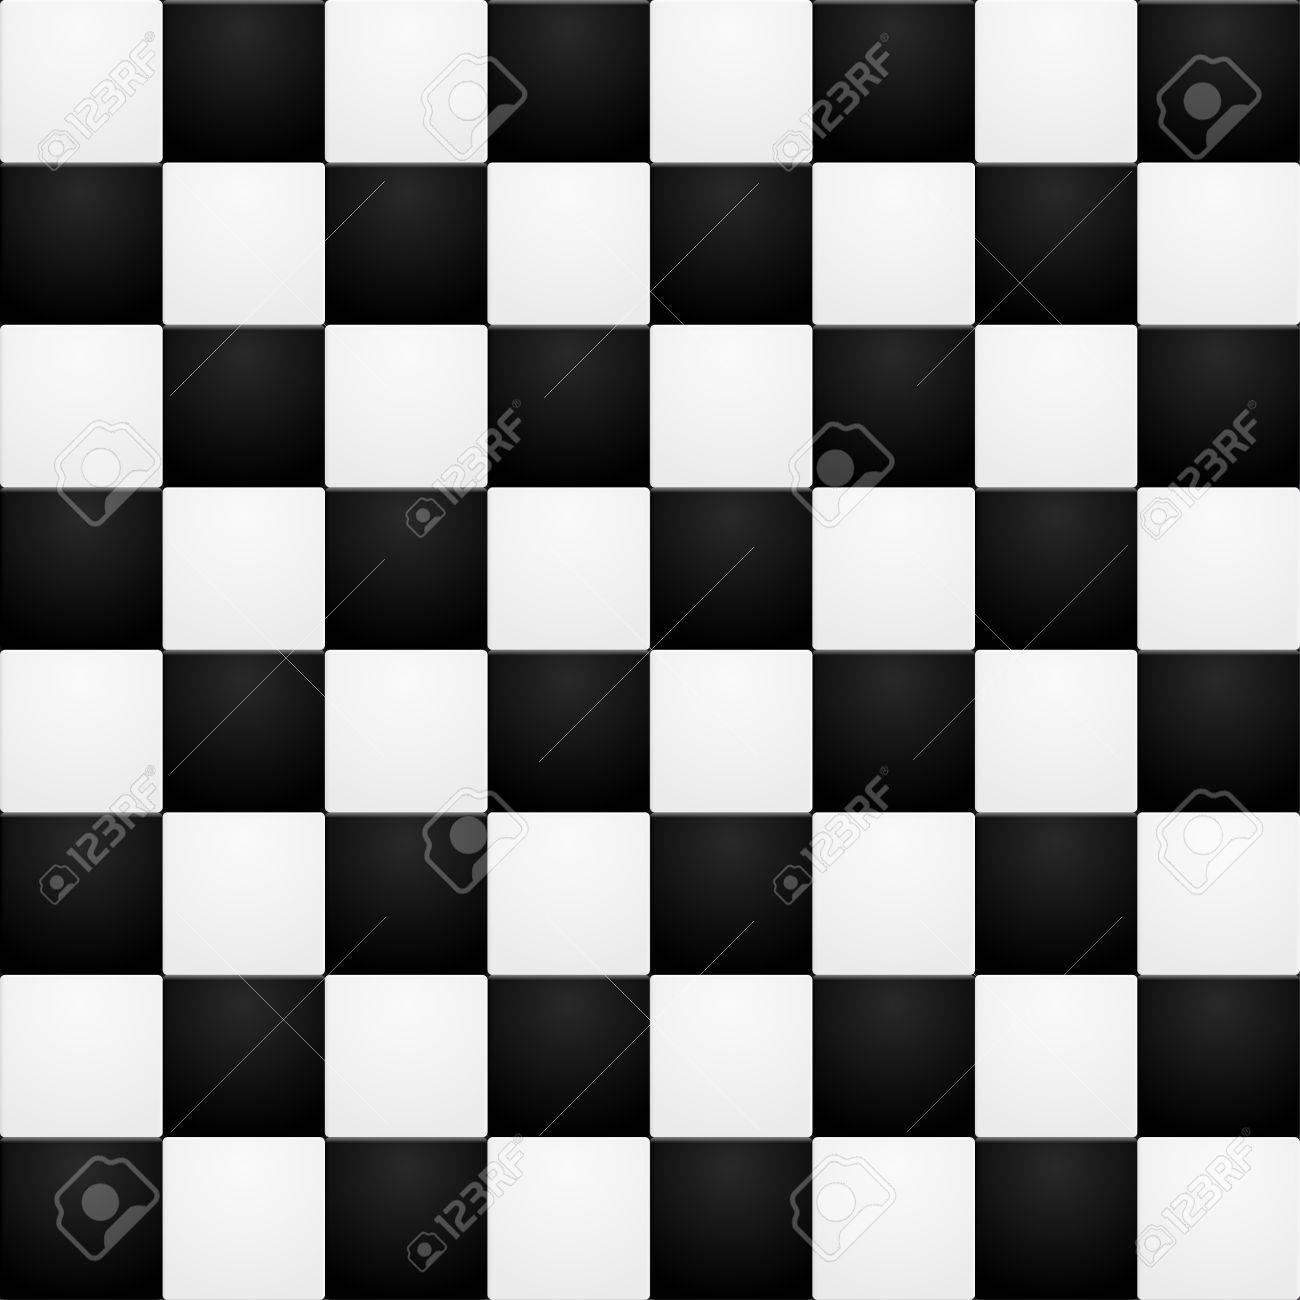 Fondos de ajedrez